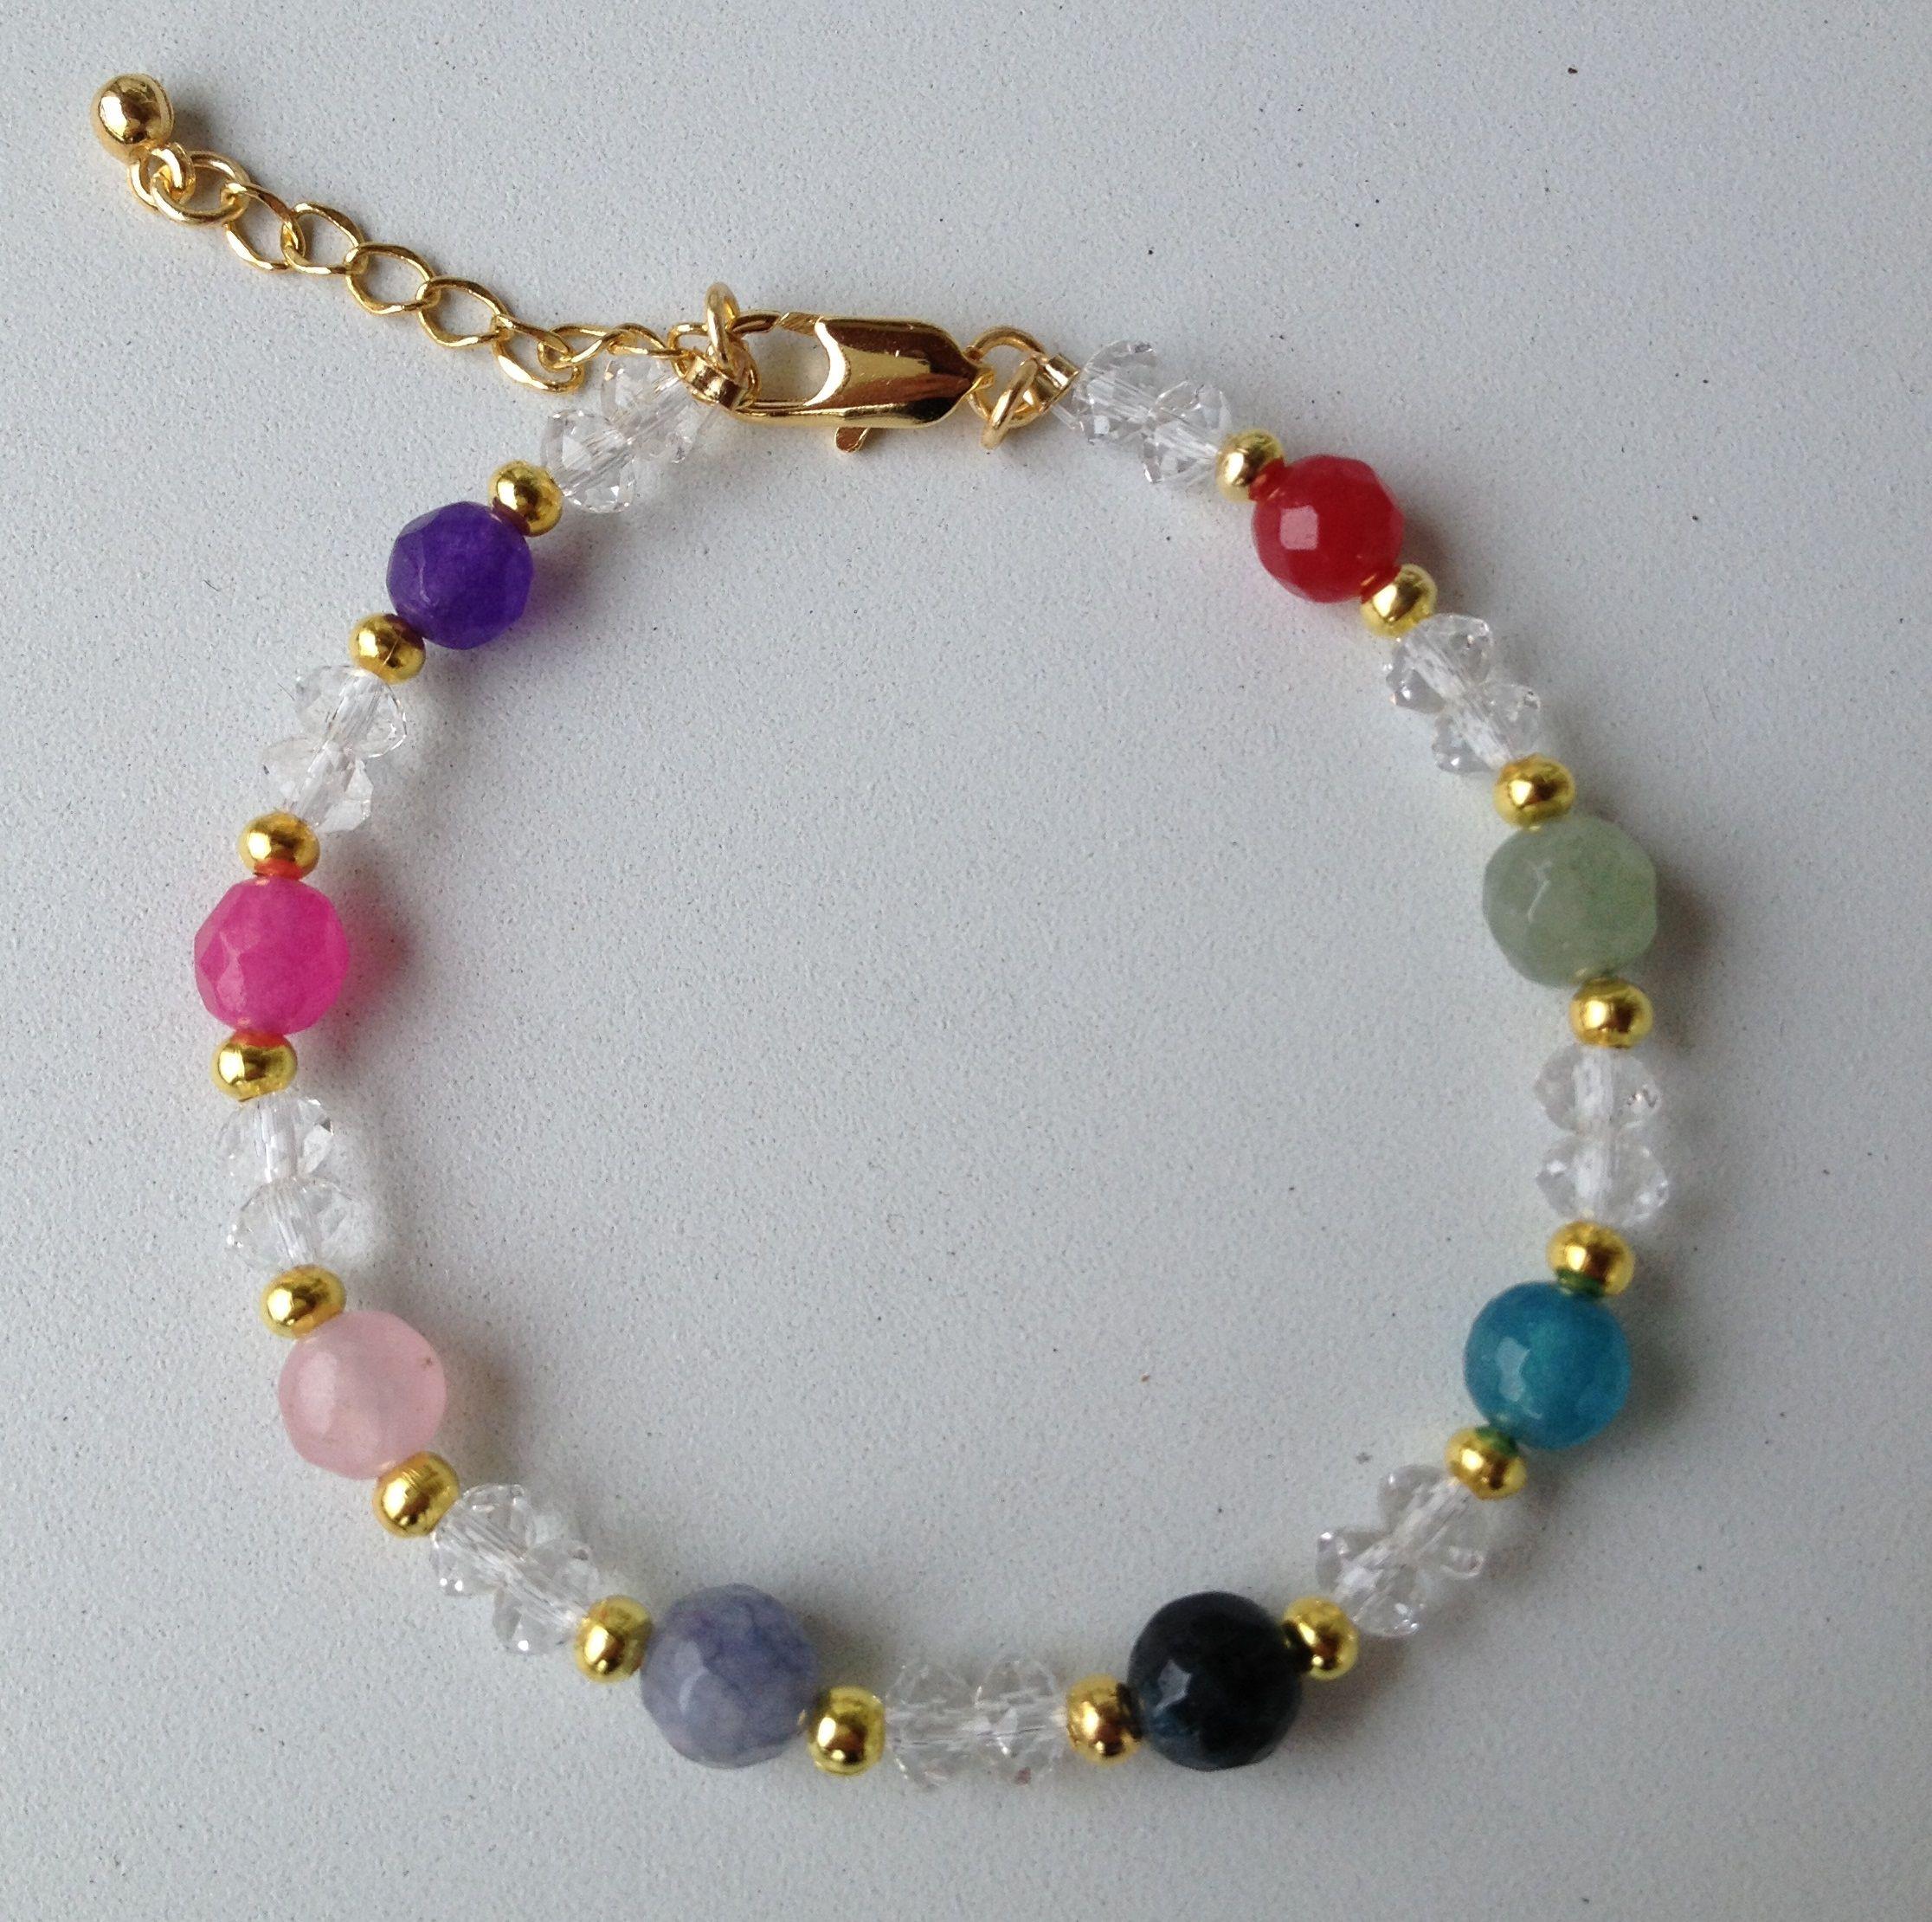 31feab3a075e chinese crystal and colorful jade bracelet pulseira de cristal chines e  jade colorida Combinación De Pulseras